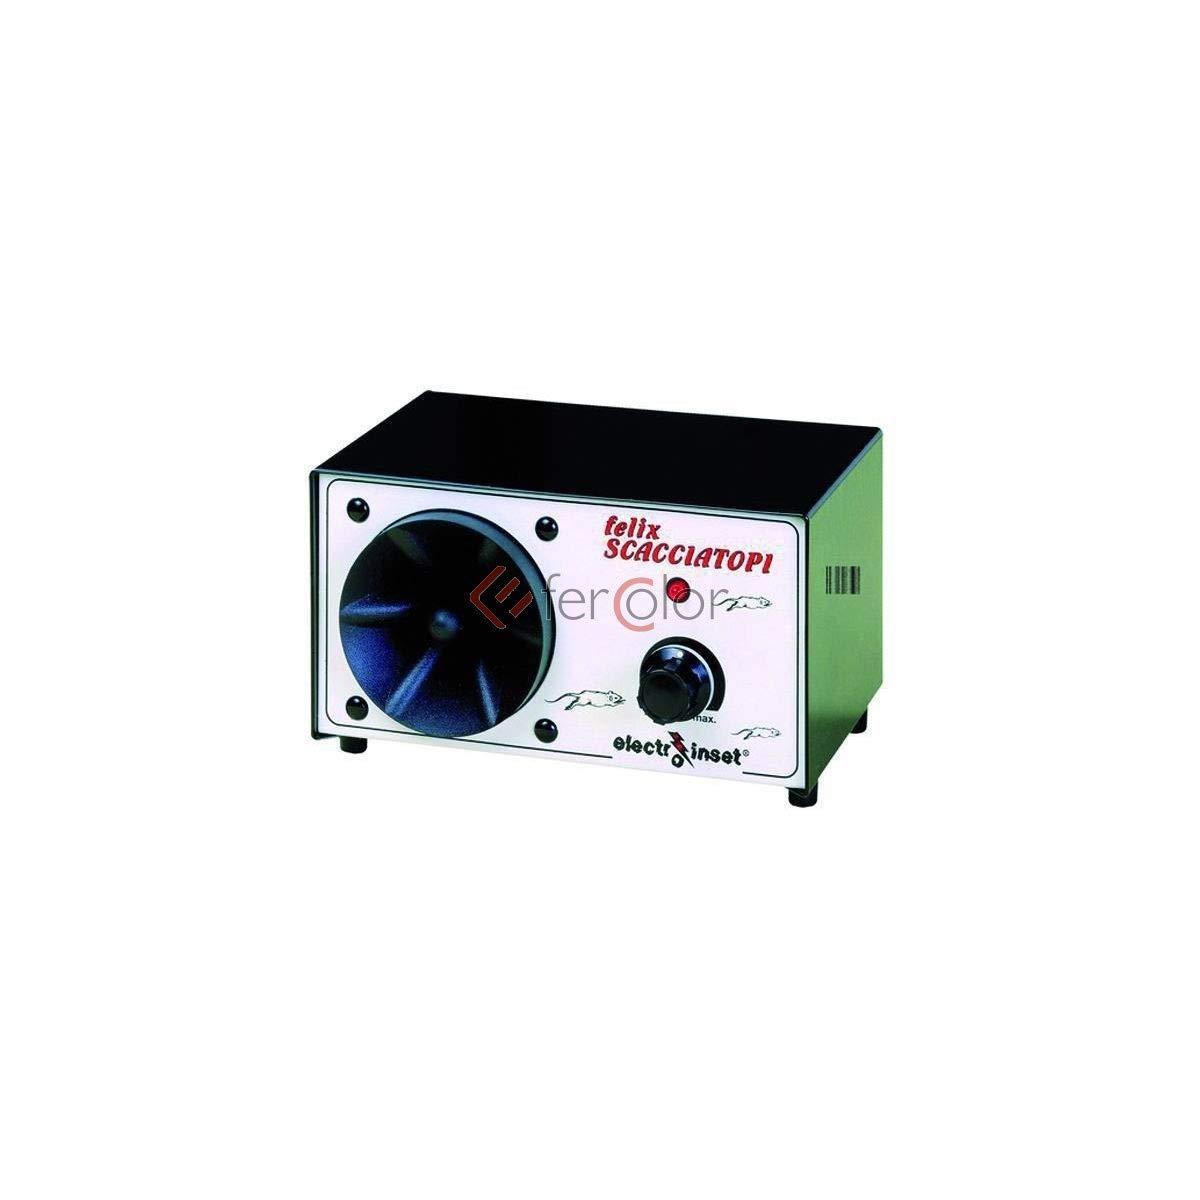 grandi prezzi scontati Vigor Blinky EL2000 Electroinset Scacciatopi Scacciatopi Scacciatopi per Spazi Medi  risposte rapide